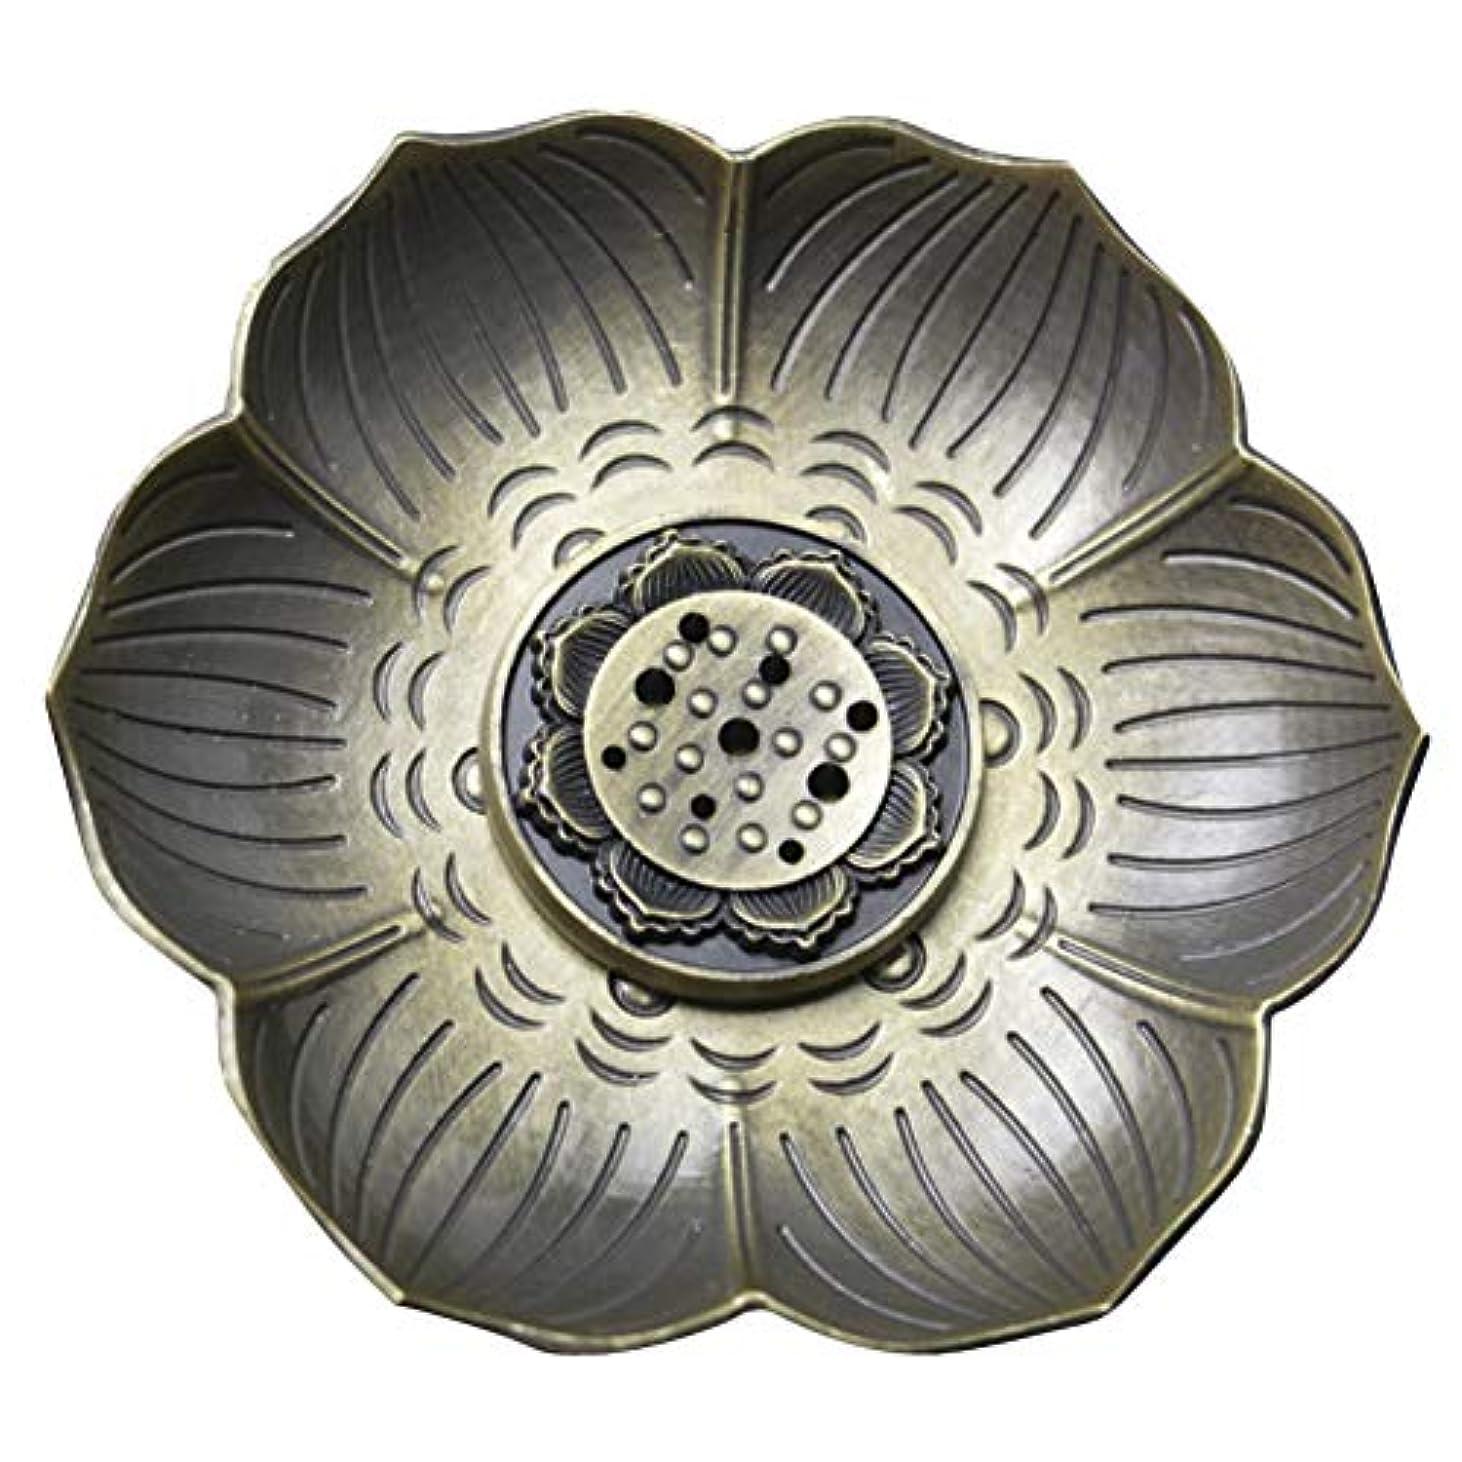 注入ウェーハ行為(イスイ)YISHUI 線香立 線香皿 香皿 香立て お香用具 お線香用可 アロマ香炉 梅の花 さくらHP0134 (梅の花B)